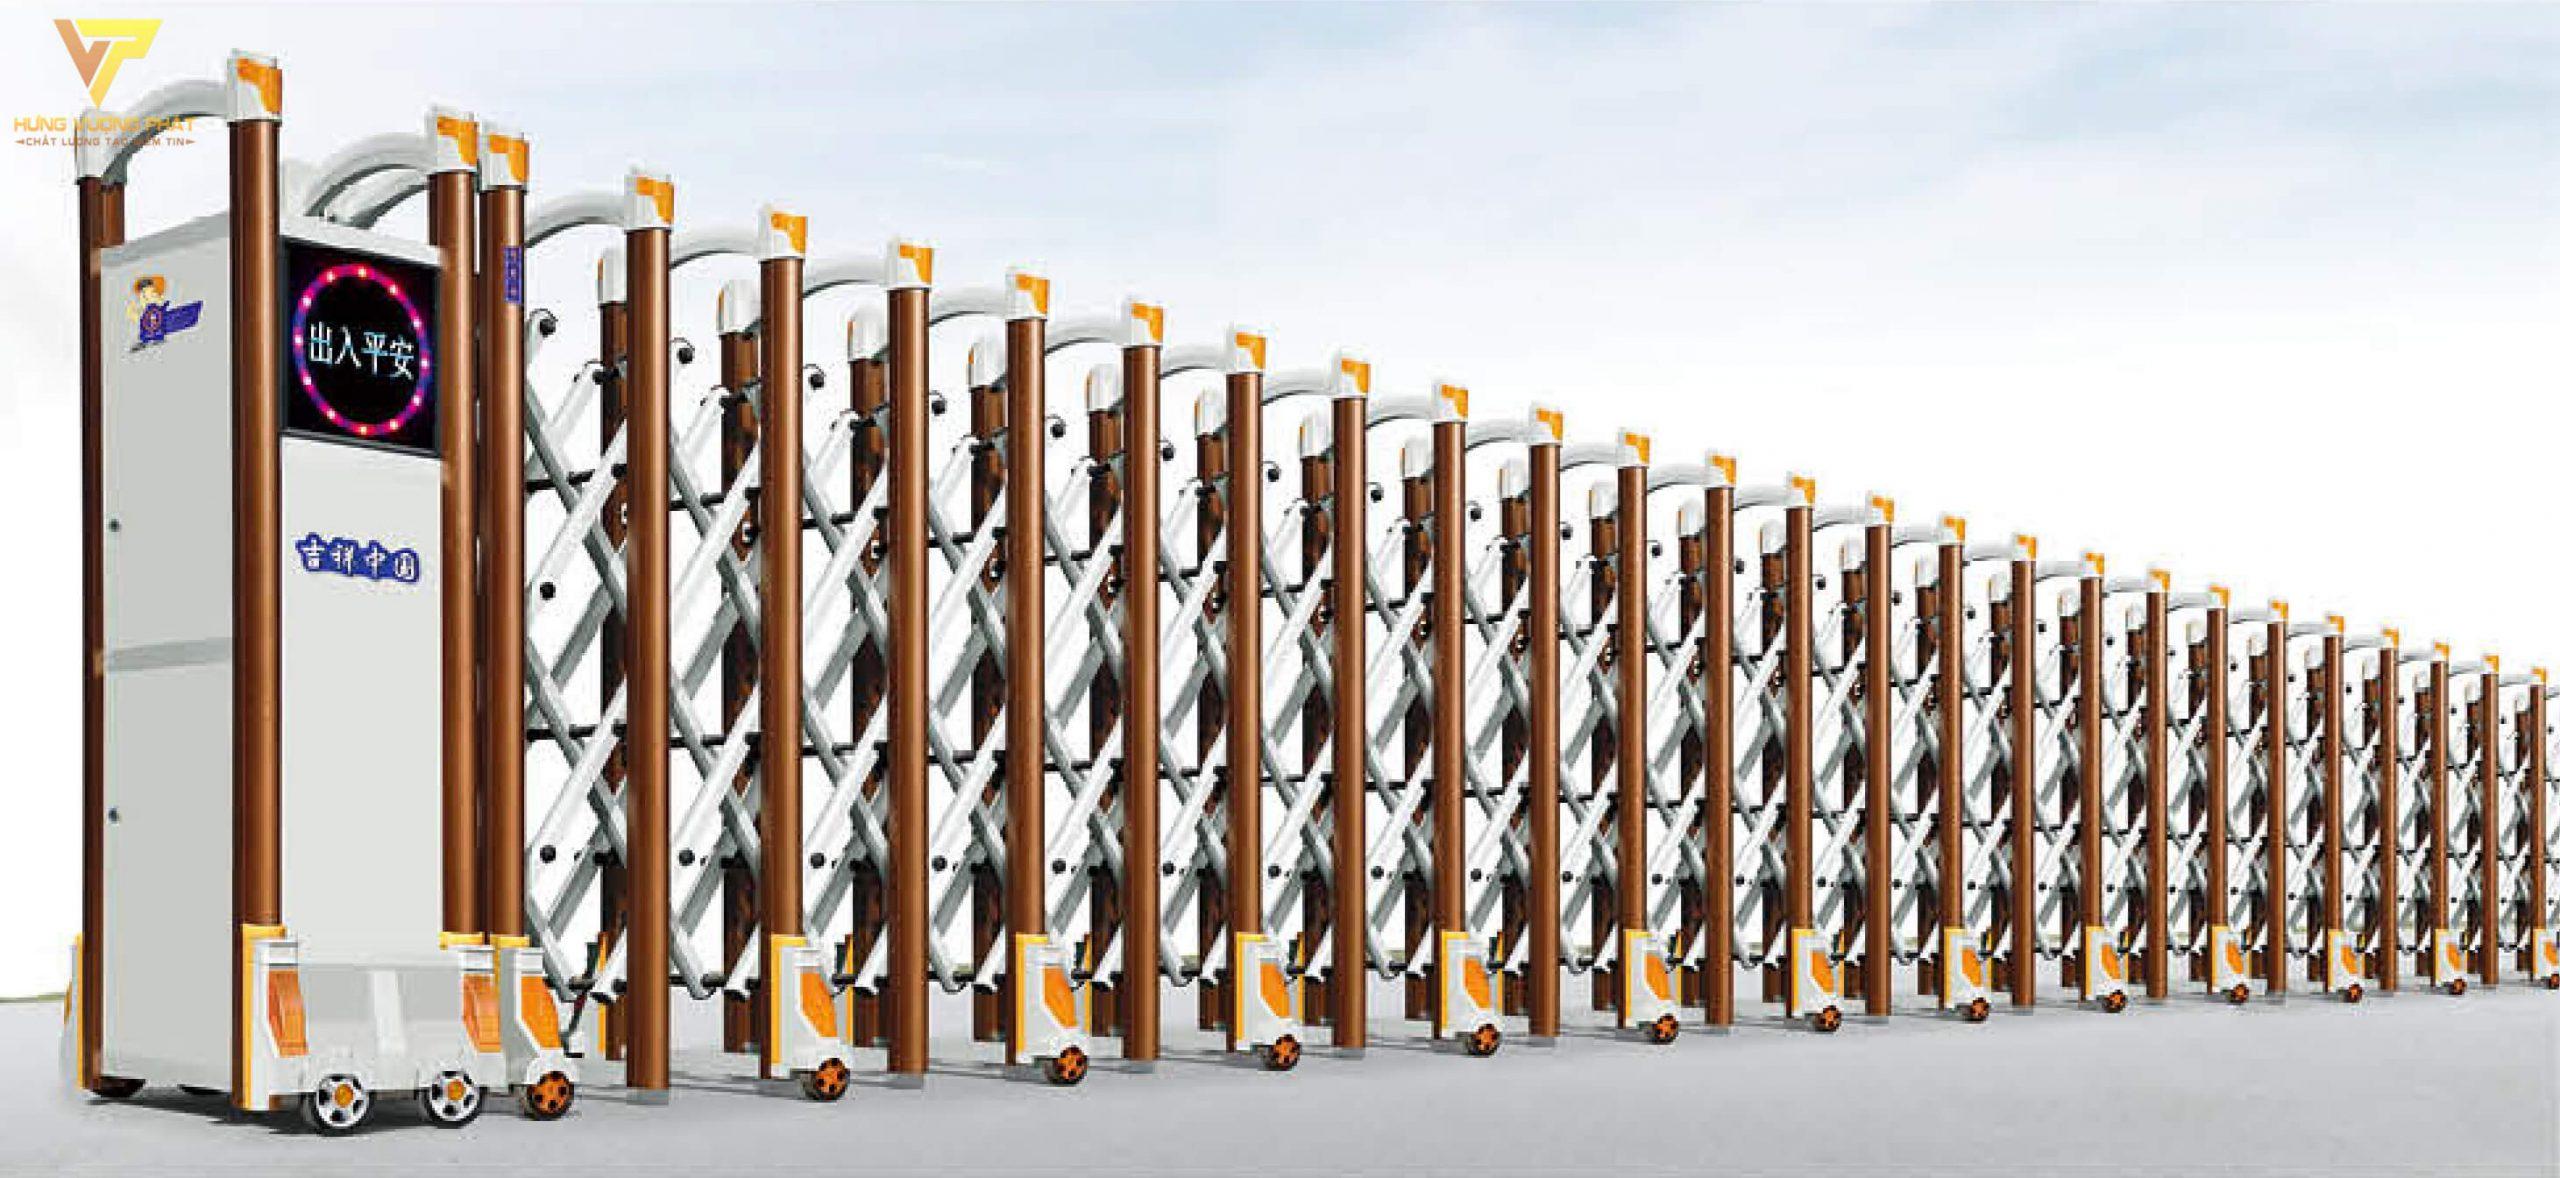 Cổng xếp hợp kim nhôm chạy điện tự động HN39